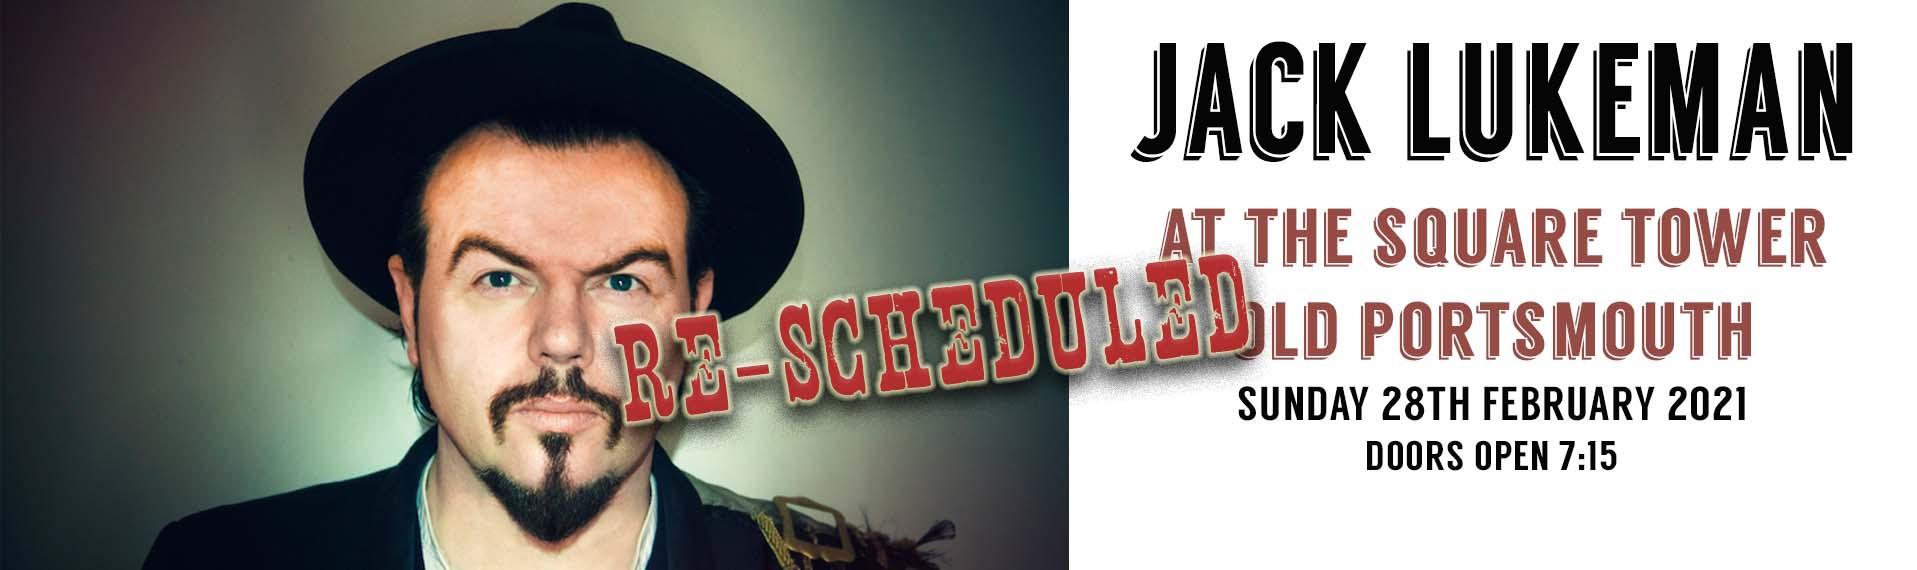 jack lukeman bannerrescheduled